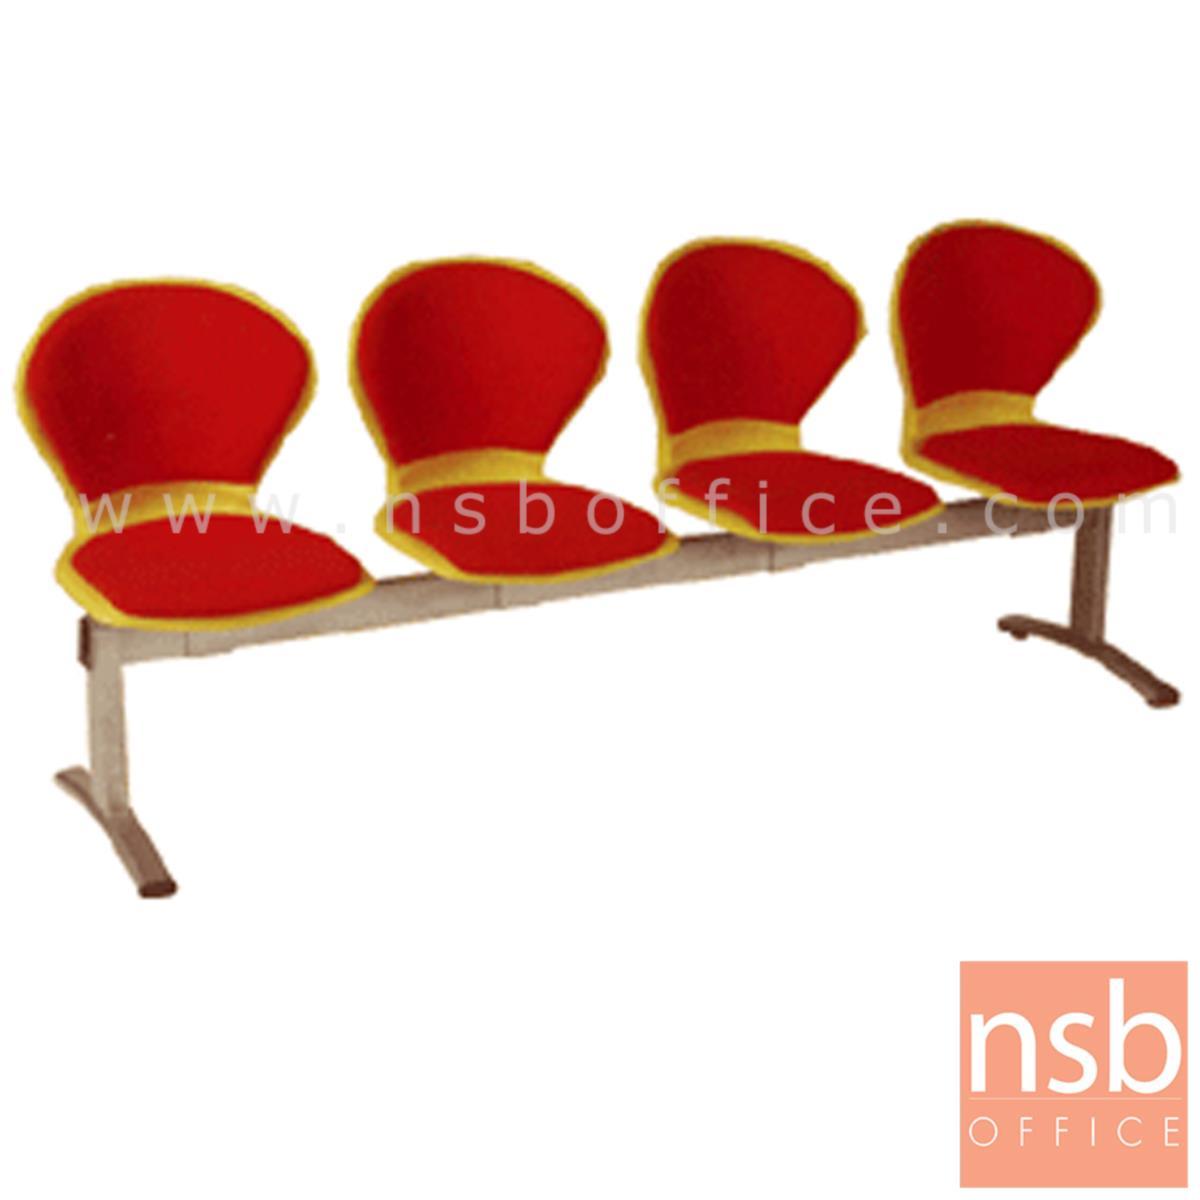 B06A057:เก้าอี้นั่งคอยเฟรมโพลี่หุ้มเบาะ รุ่น B376 2 ,3 ,4 ที่นั่ง ขนาด 98W ,152.5W ,207W cm. ขาเหล็ก